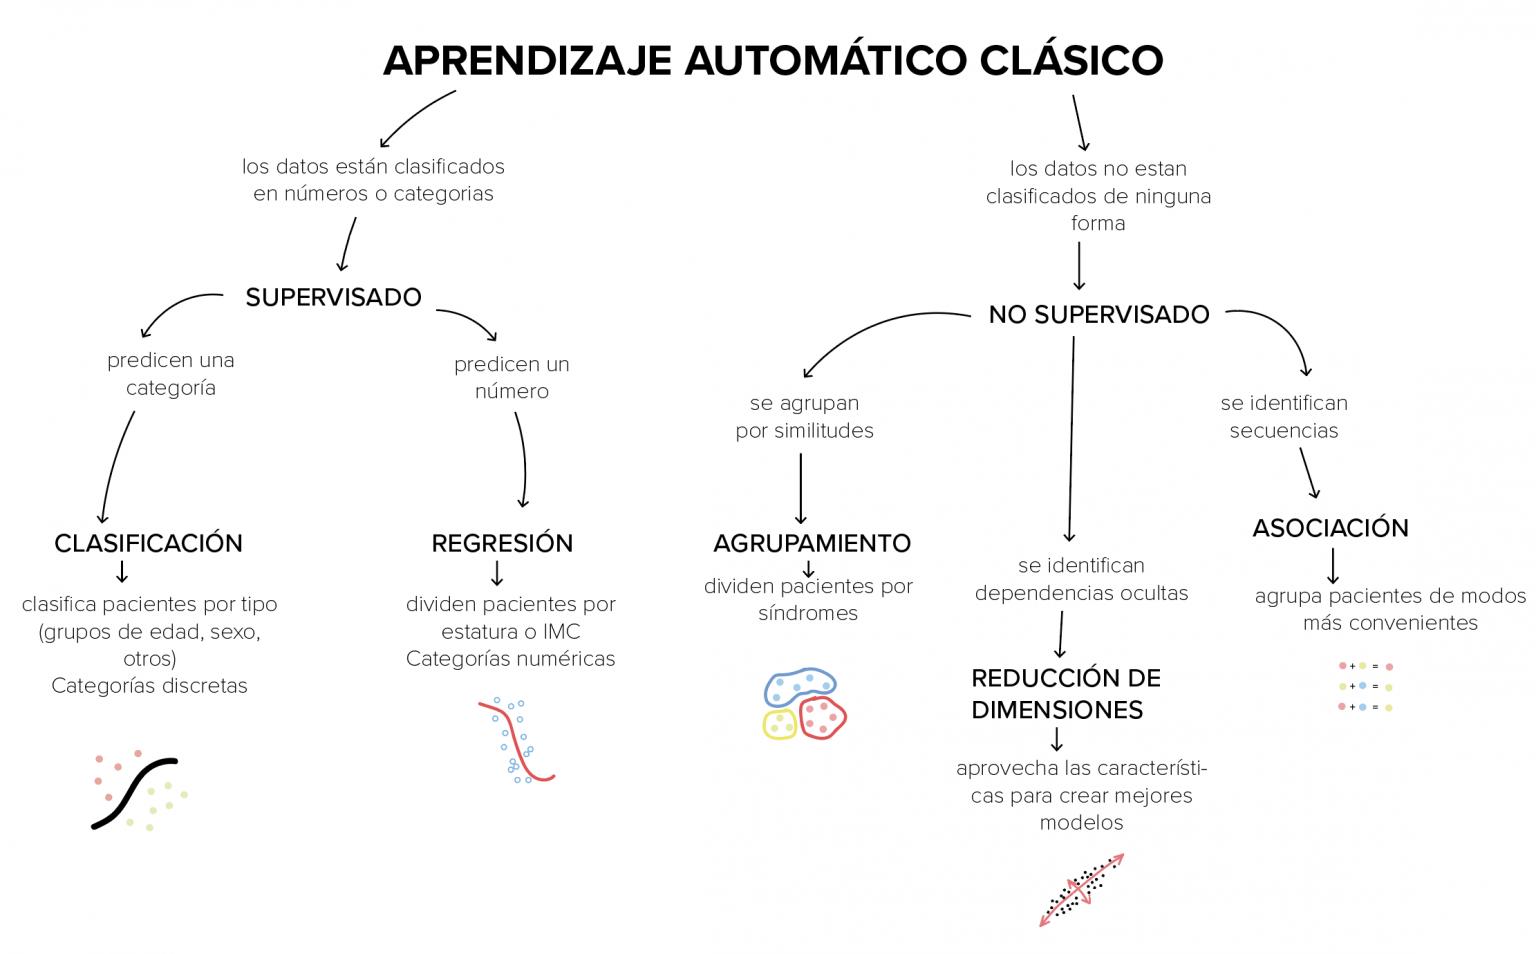 Los tipos de aprendizaje automático clásico